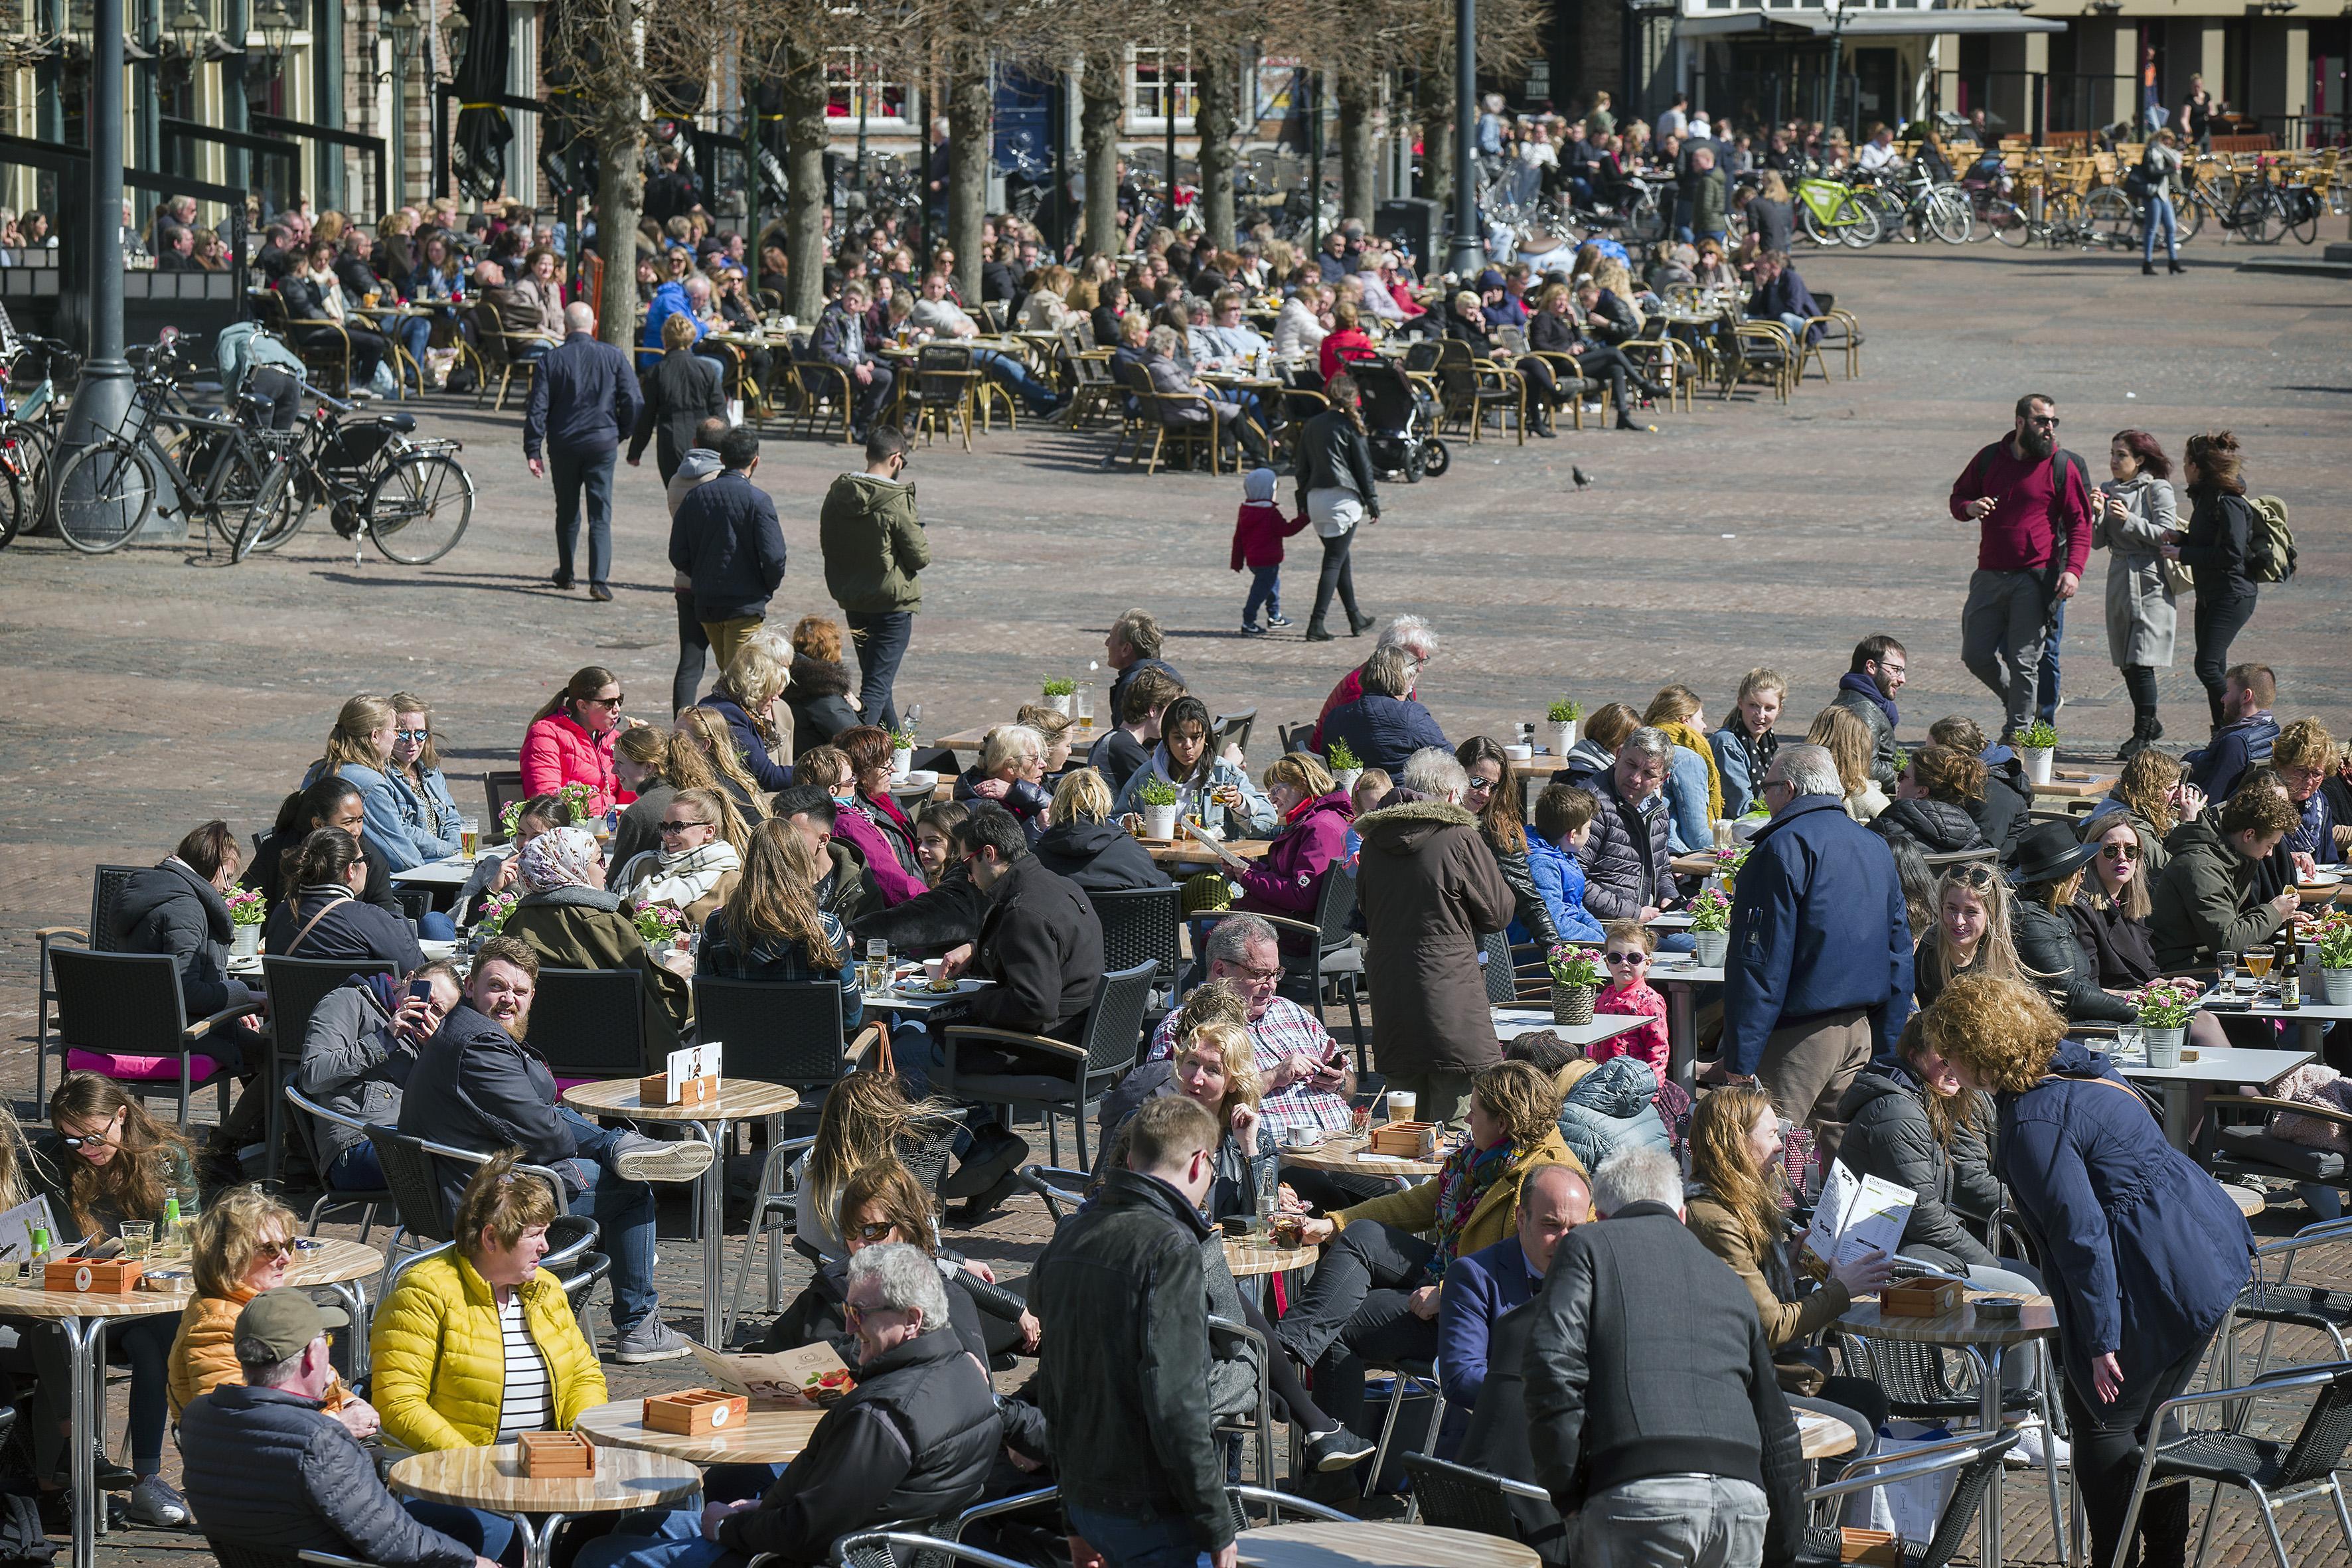 Horecavoorman wil 'simpele formule' voor alle terrassen in Haarlem, KHN-voorzitter pleit voor maximumleeftijd terrasbezoek